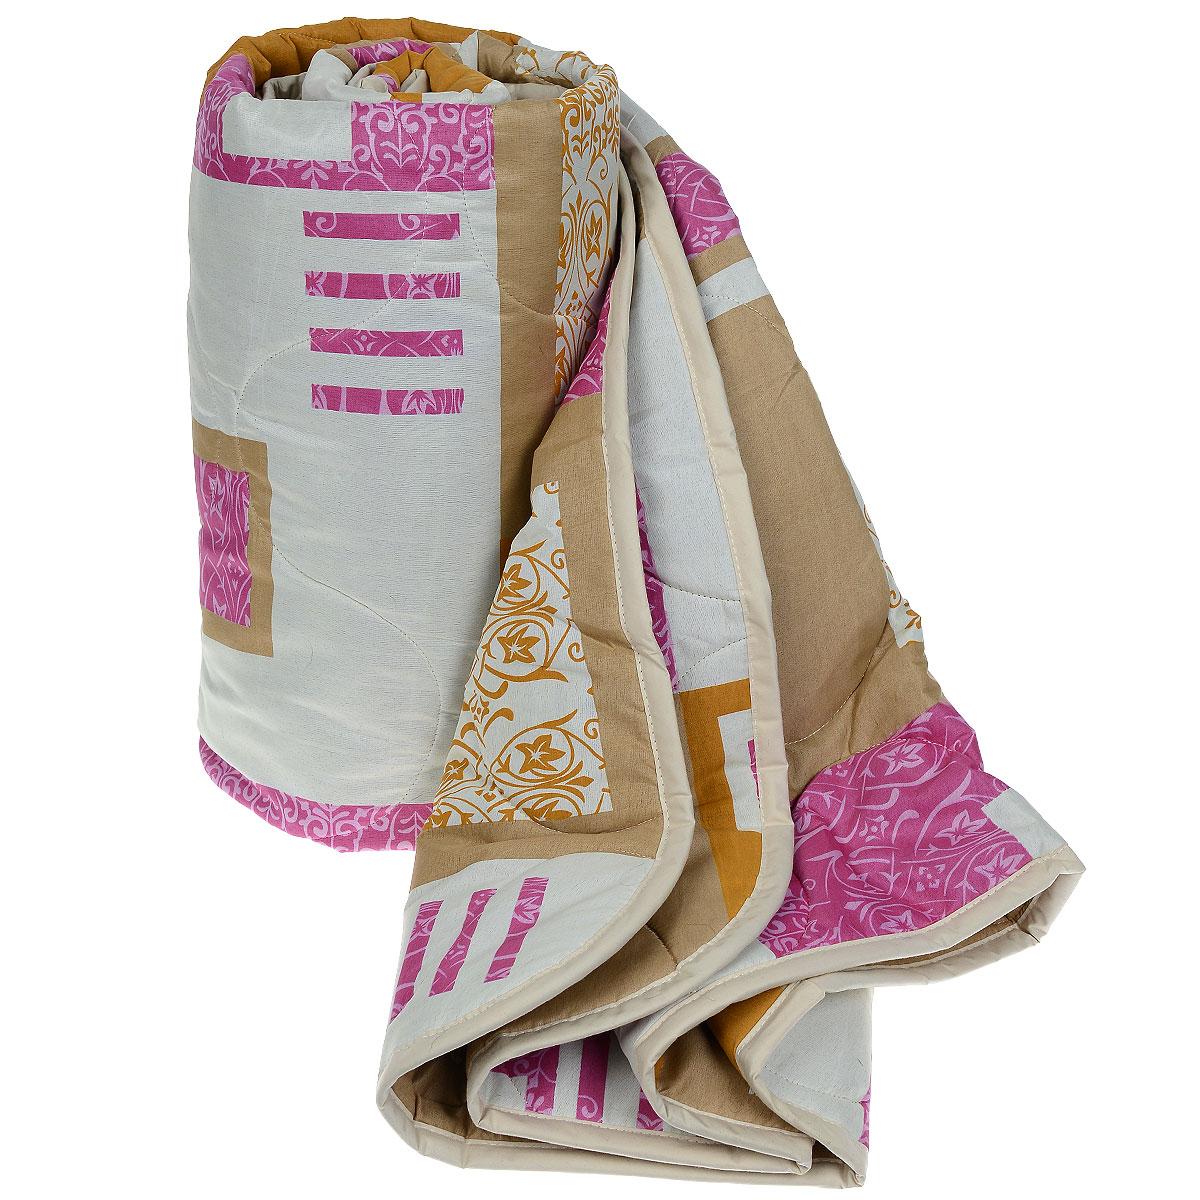 Одеяло всесезонное OL-Tex Miotex, наполнитель: полиэфирное волокно Holfiteks, цвет: бежевый, малиновый, 172 см х 205 смМХПЭ-18-3_бежевый, малиновыйВсесезонное одеяло OL-Tex Цветочные узоры создаст комфорт и уют во время сна. Стеганый чехол выполнен из полиэстера и оформлен красивым рисунком. Внутри - наполнитель из полиэфирного высокосиликонизированного волокна Holfiteks, упругий и качественный. Холфитекс - современный экологически чистый синтетический материал, изготовленный по новейшим технологиям. Его уникальность заключается в расположении волокон, которые позволяют моментально восстанавливать форму и сохранять ее долгое время. Изделия с использованием Холфитекса очень удобны в эксплуатации - их можно часто стирать без потери потребительских свойств, они быстро высыхают, не впитывают запахов и совершенно гиппоаллергенны. Холфитекс также обеспечивает хорошую терморегуляцию, поэтому изделия с наполнителем из холфитекса очень комфортны в использовании. Одеяло с наполнителем Холфитекс порадует вас в любое время года. Оно комфортно согревает и создает отличный микроклимат. За одеялом легко ухаживать, можно стирать в стиральной машинке.Рекомендации по уходу:- Ручная и машинная стирка при температуре 30°С.- Не гладить.- Не отбеливать. - Нельзя отжимать и сушить в стиральной машине.- Сушить вертикально. Размер одеяла: 172 см х 205 см. Материал чехла: 100% полиэстер. Материал наполнителя: полиэфирное высокосиликонизированное волокно Holfiteks. Плотность: 300 г/м2.